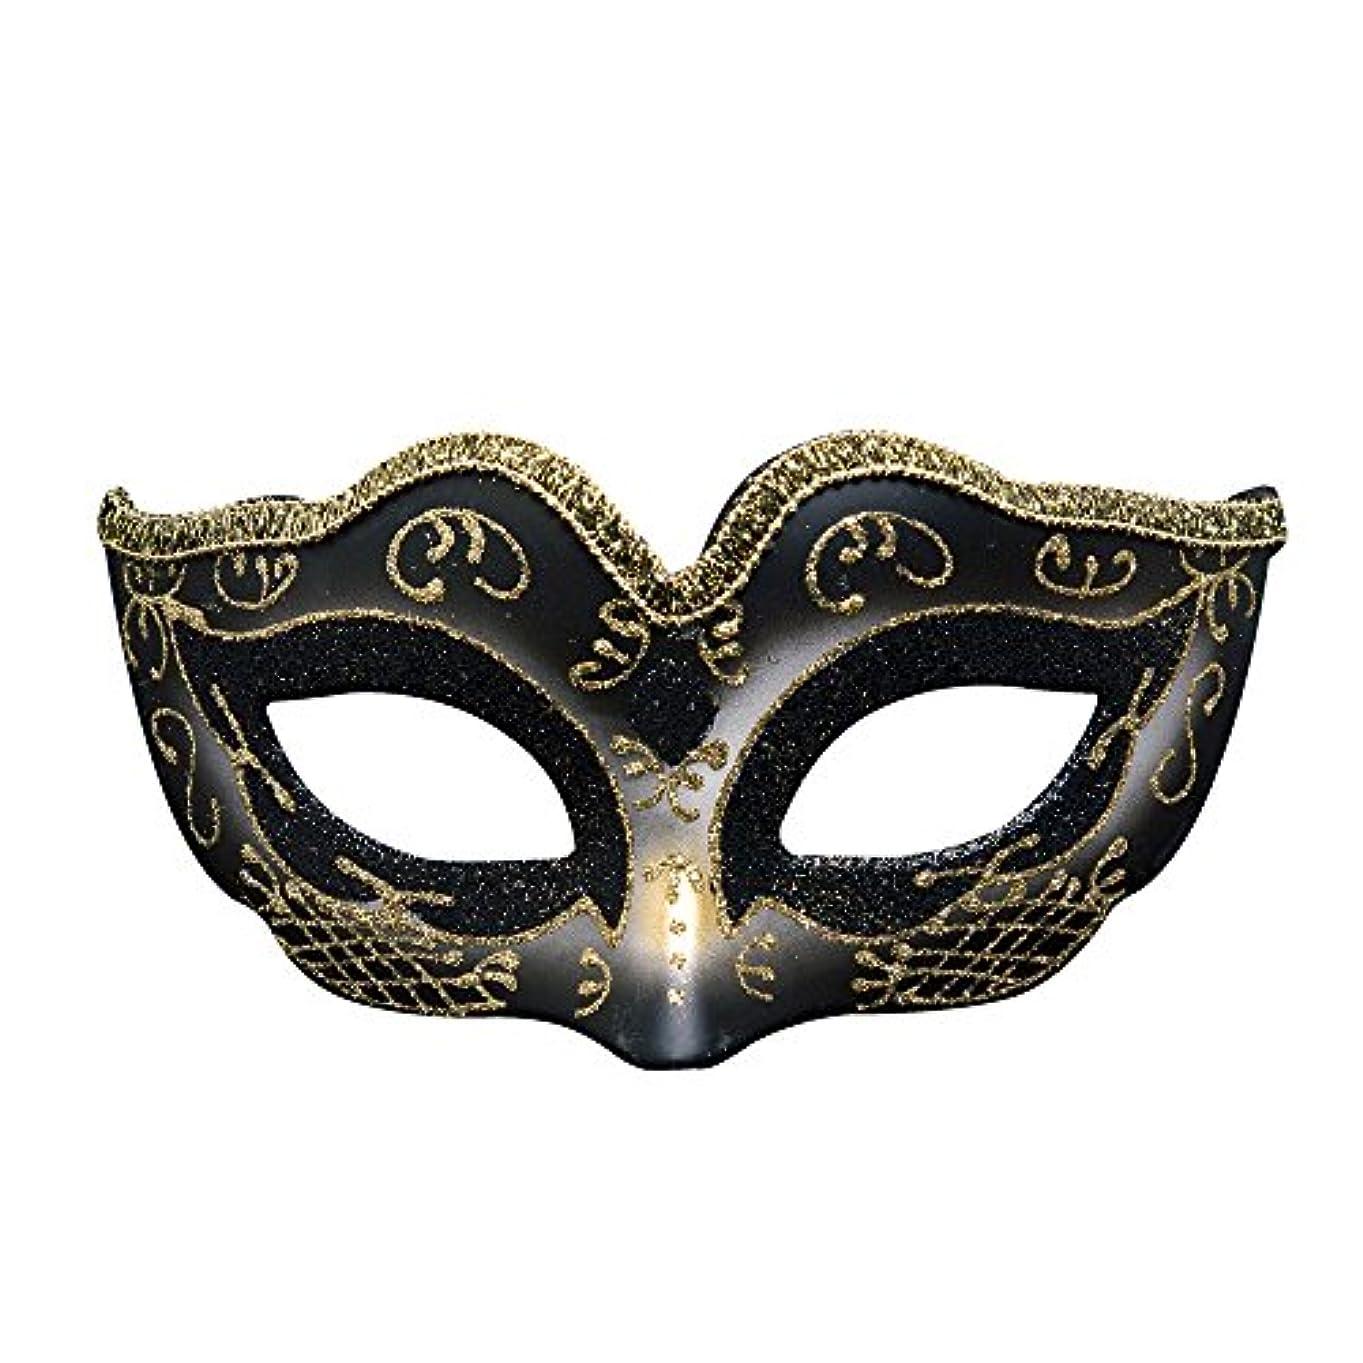 ライトニング本物の必要ないクリエイティブキッズマスカレードパーティーハロウィンマスククリスマス雰囲気マスク (Color : #3)